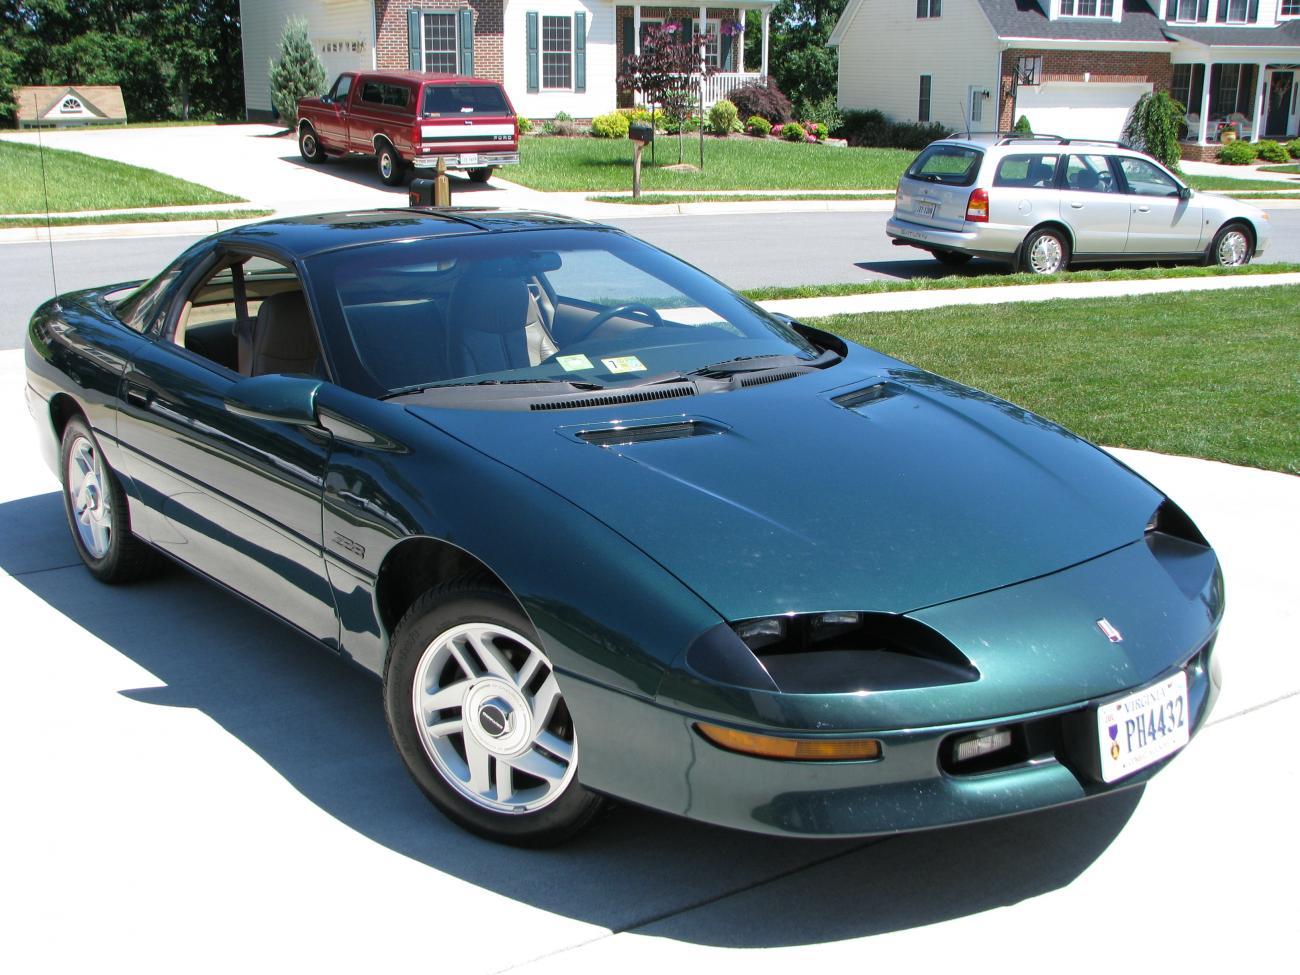 Camaro 1995 chevrolet camaro : 1995 Camaro Z28 For Sale - $6500 - Camaro5 Chevy Camaro Forum ...